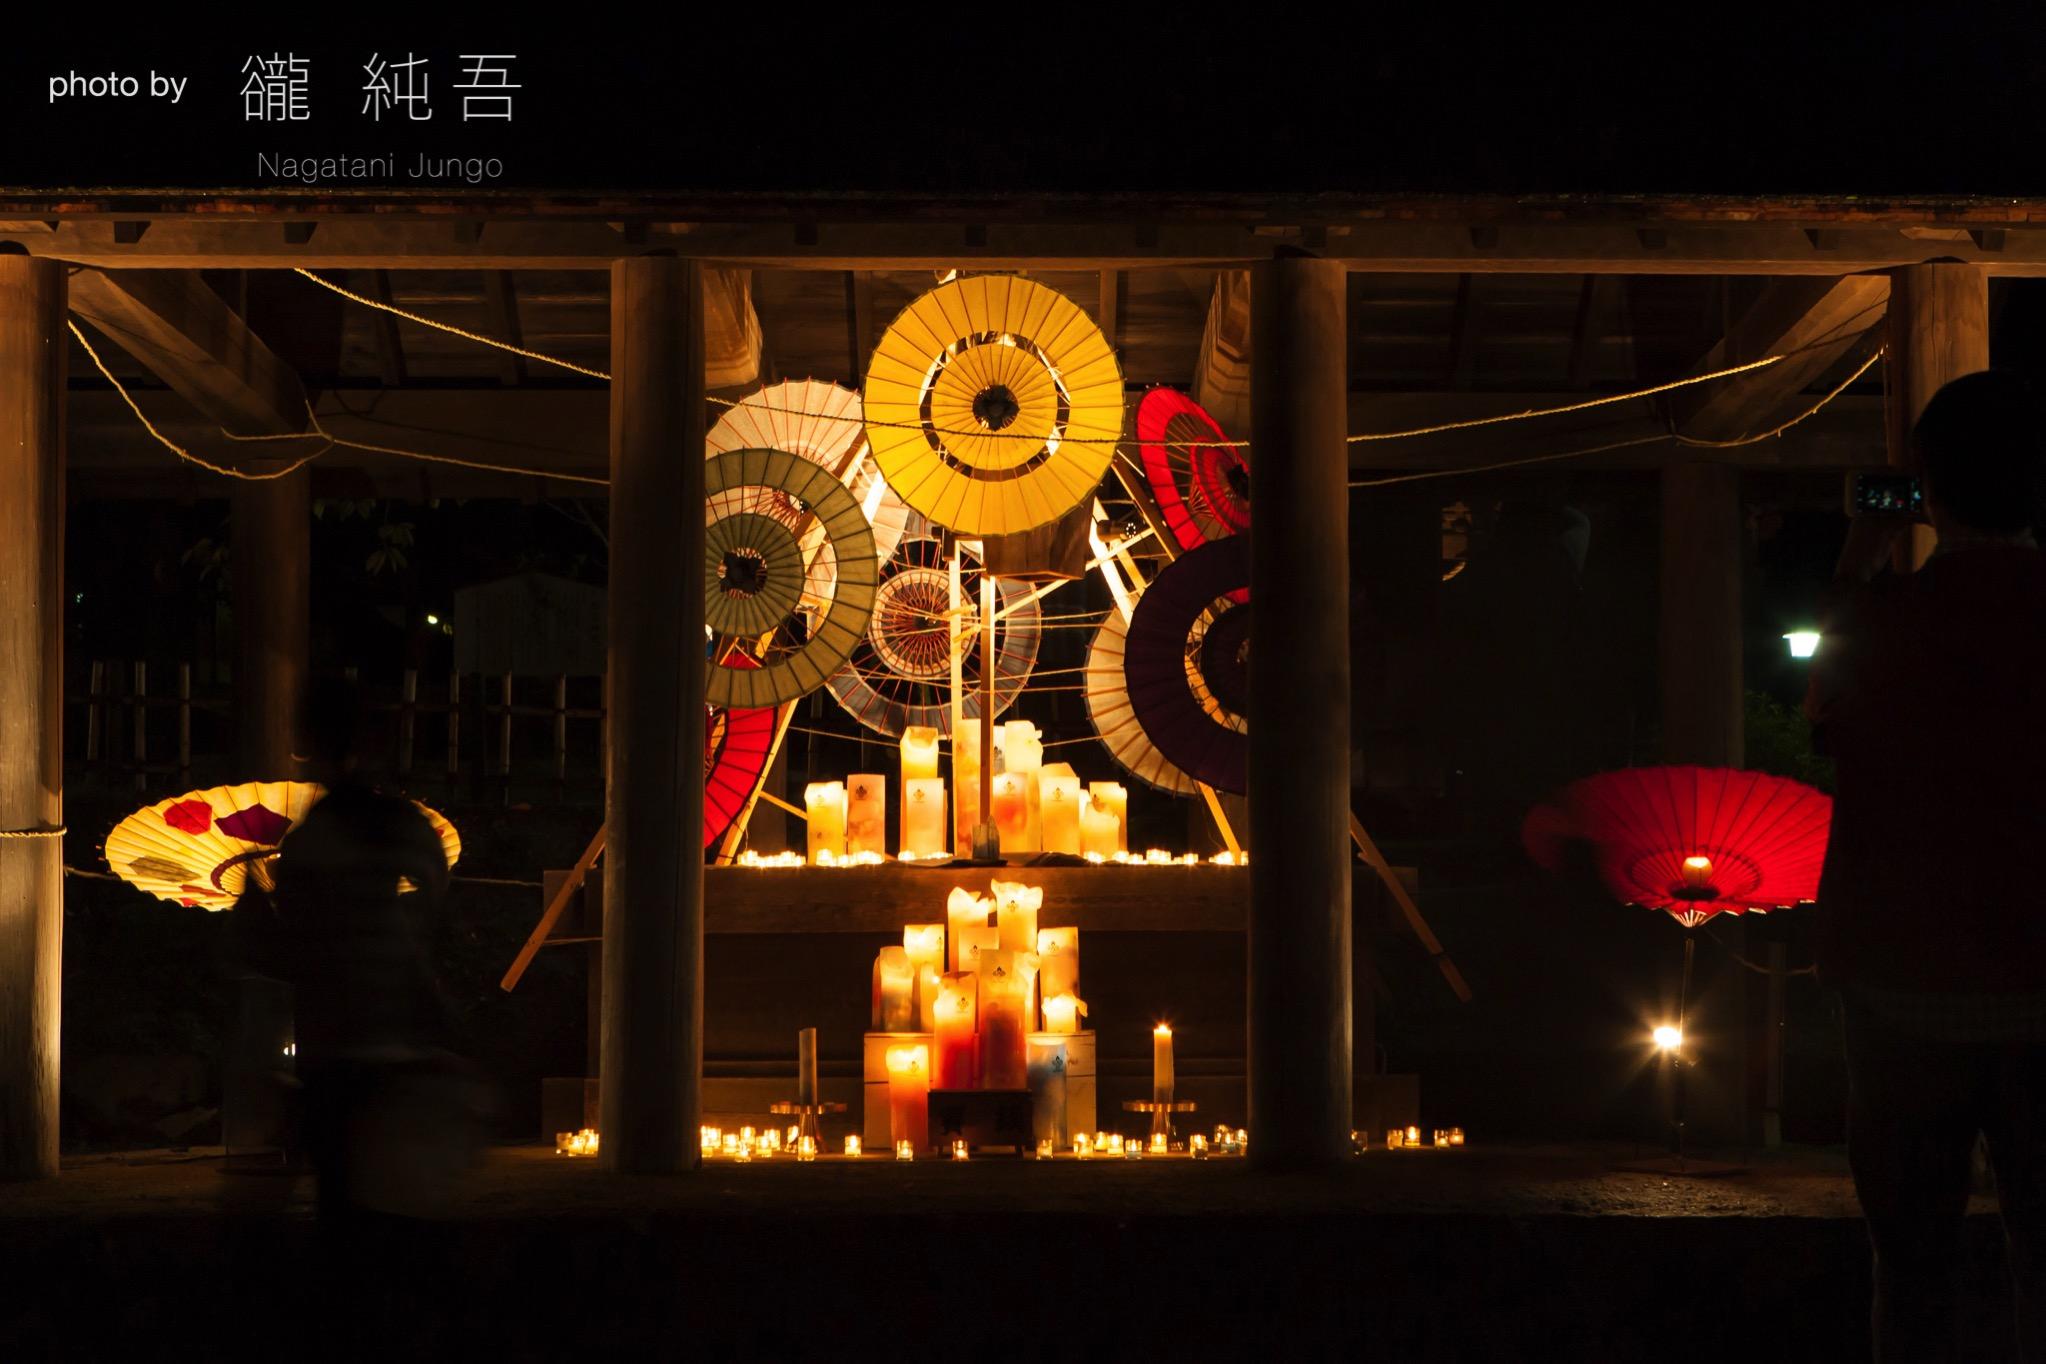 キャンドルと和傘の展示~松江水燈路2017